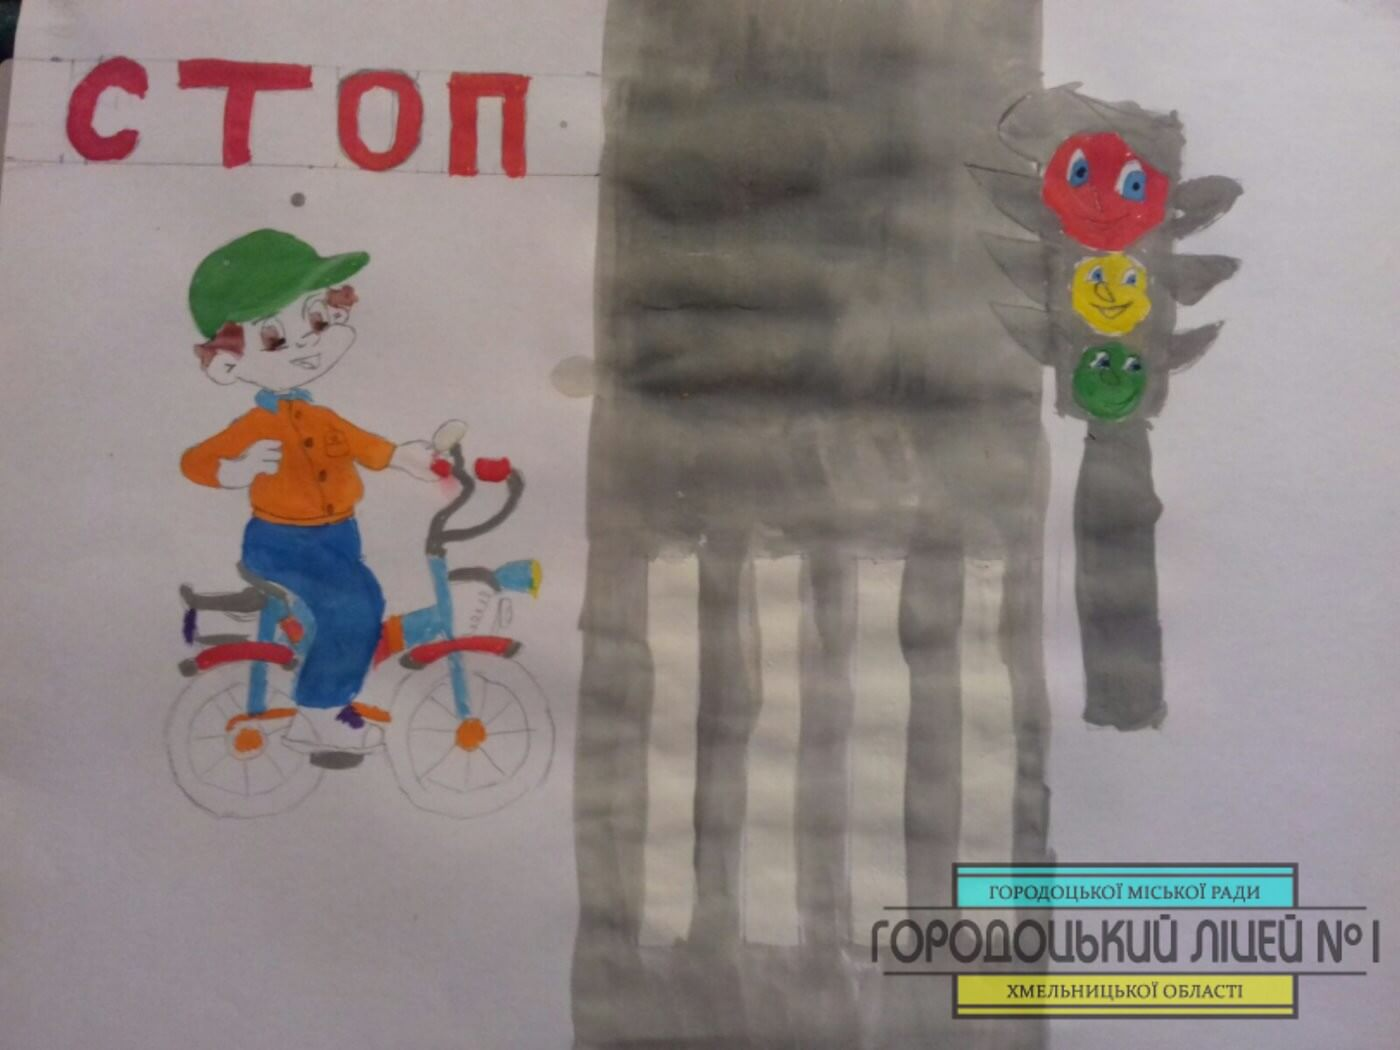 zobrazhennya viber 2020 05 21 07 53 09 1400x1050 - Конкурс малюнків серед учнів 5 - 7 класів з безпеки дорожнього руху